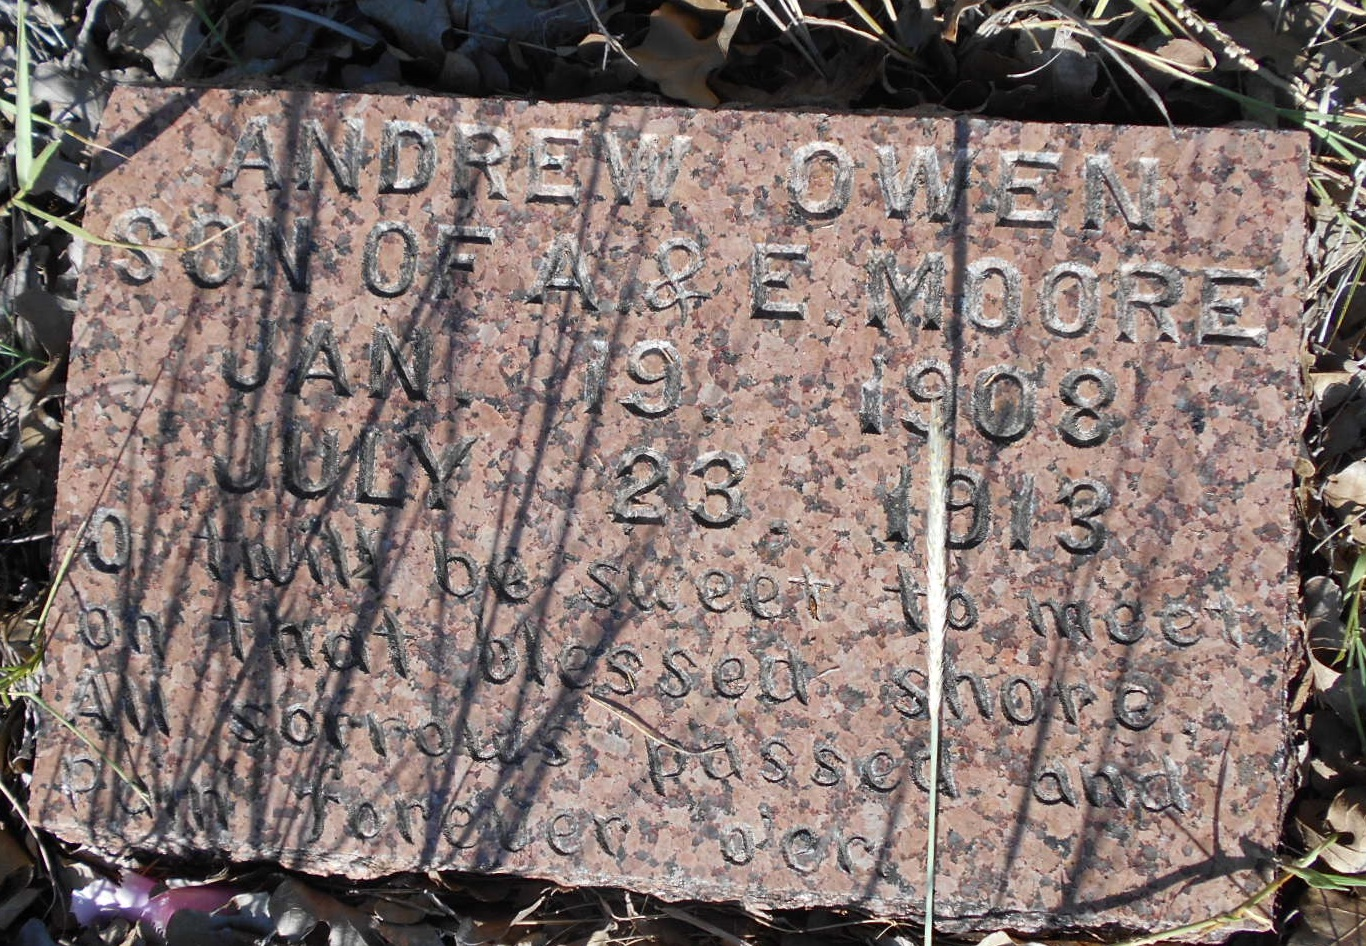 Andrew Owen Moore